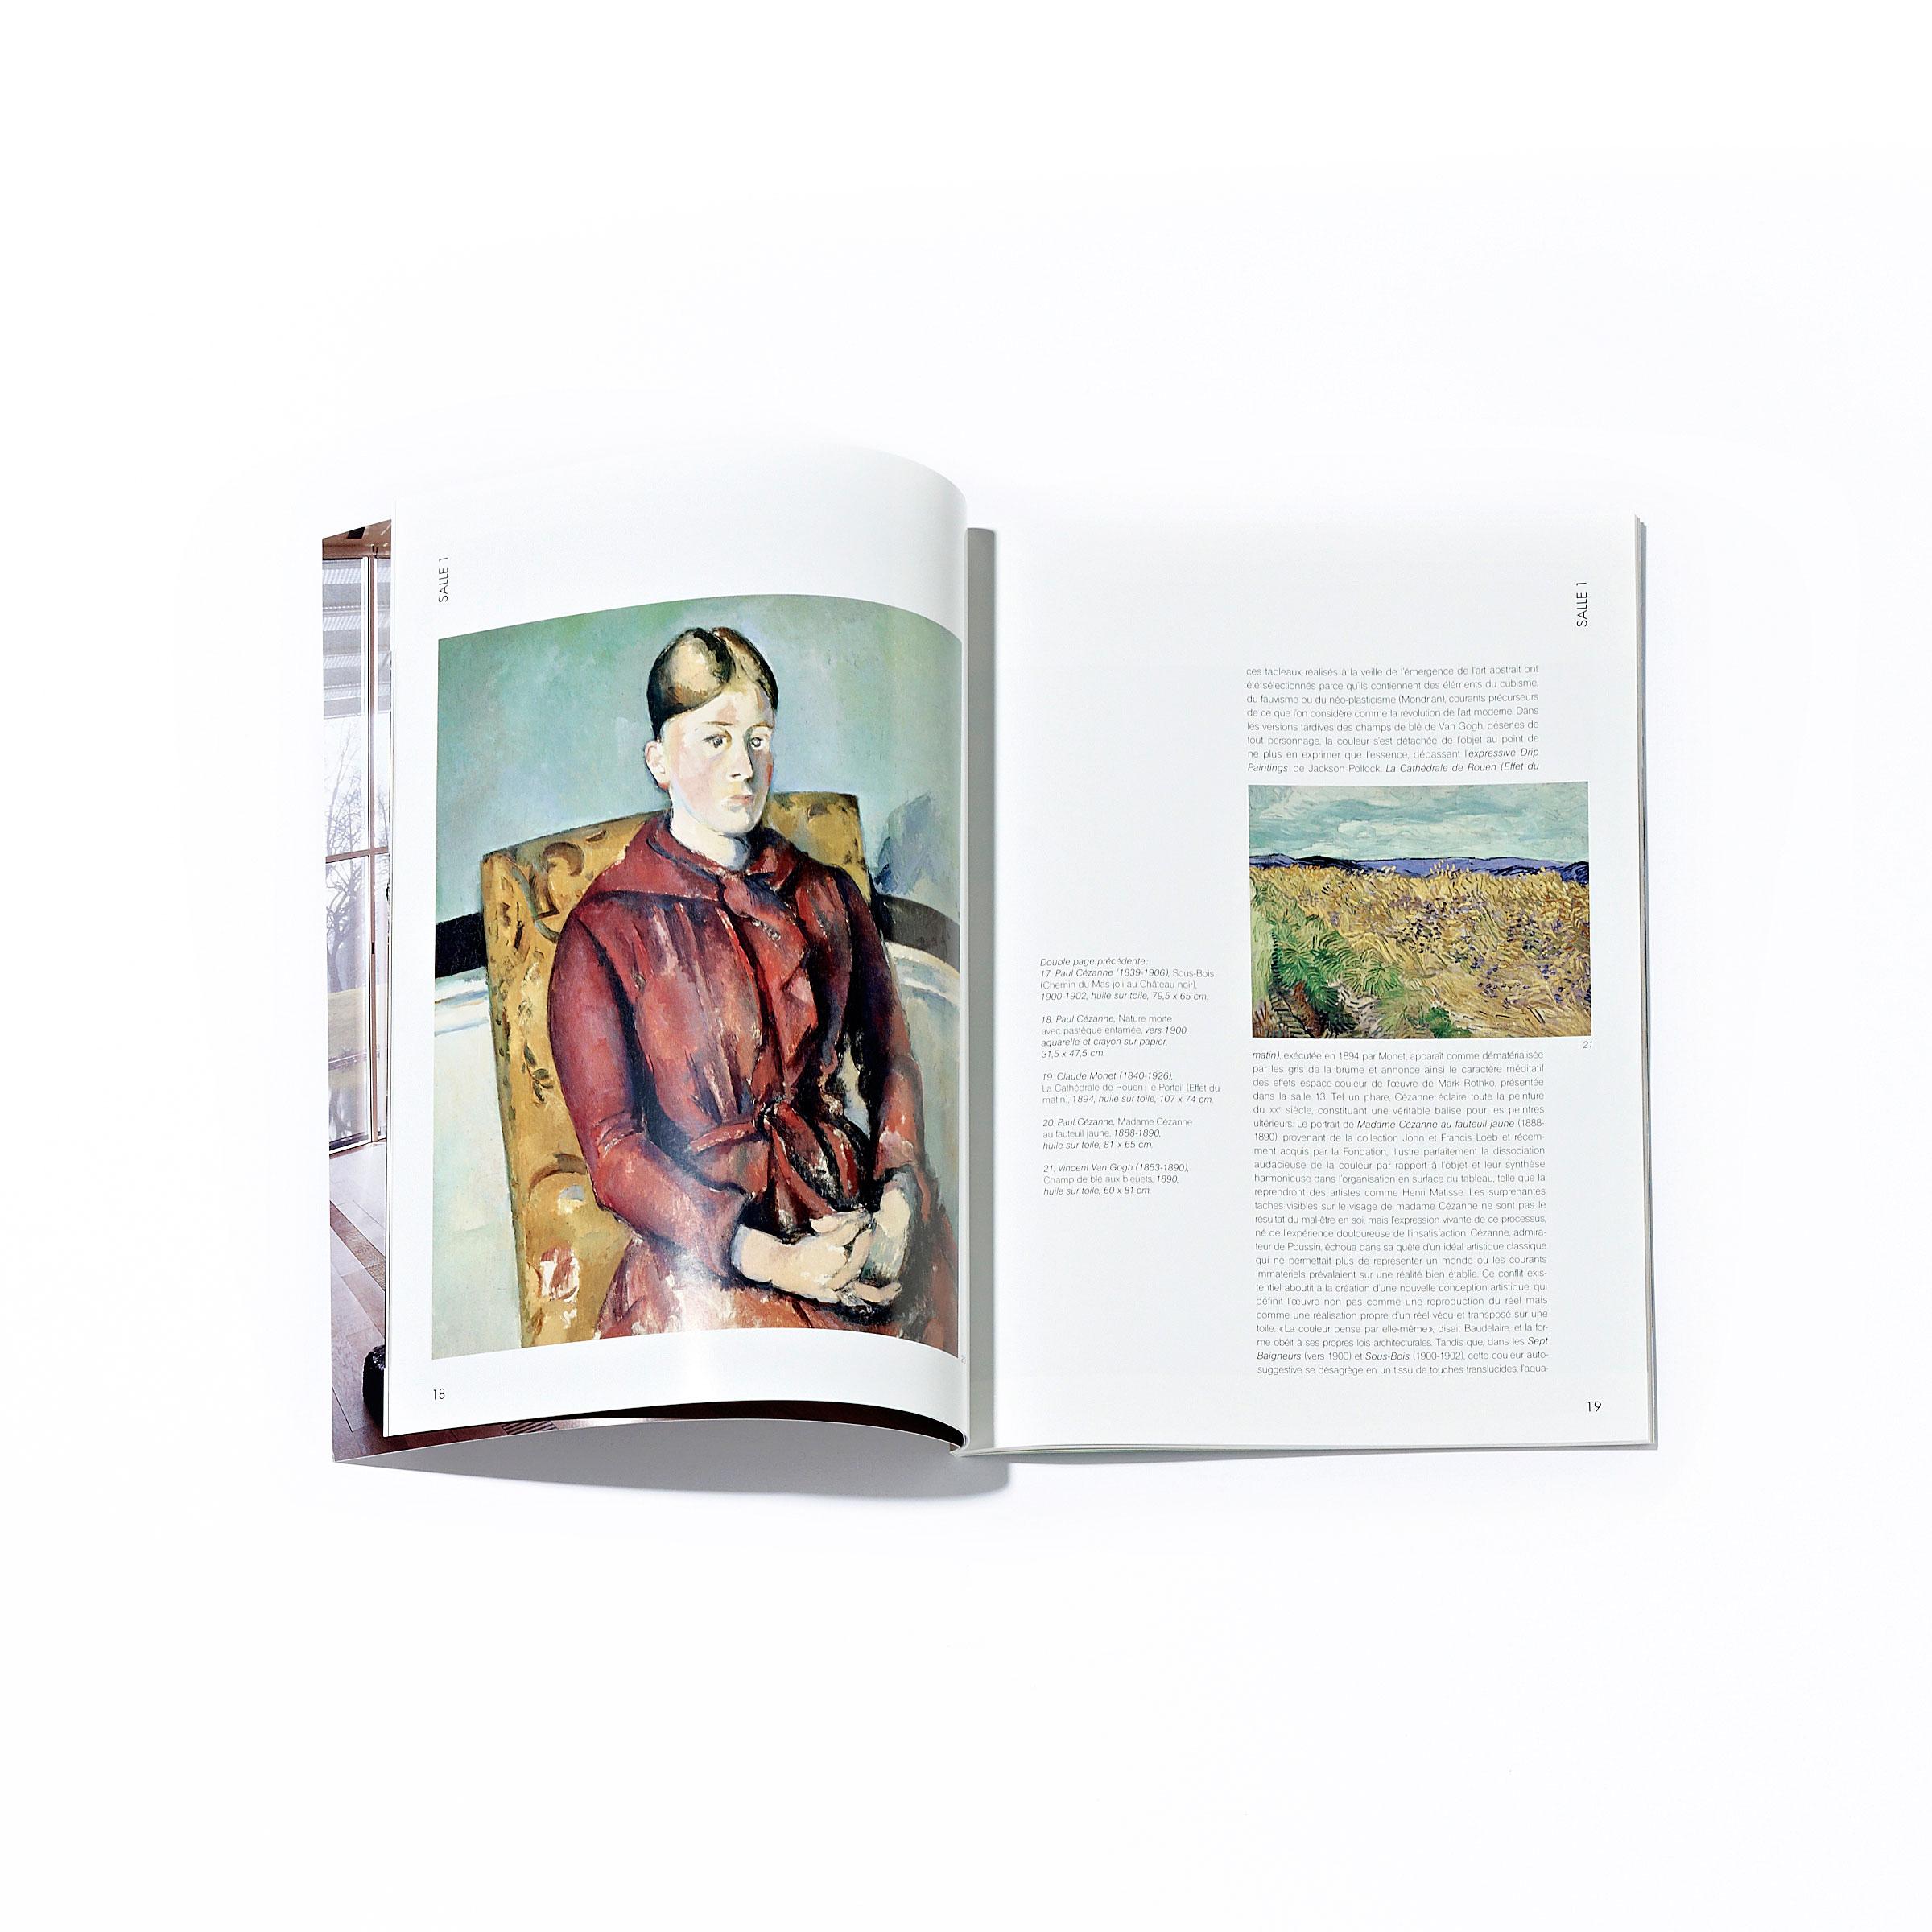 ebook Конспект лекций по учебной дисциплине «Бухгалтерский и